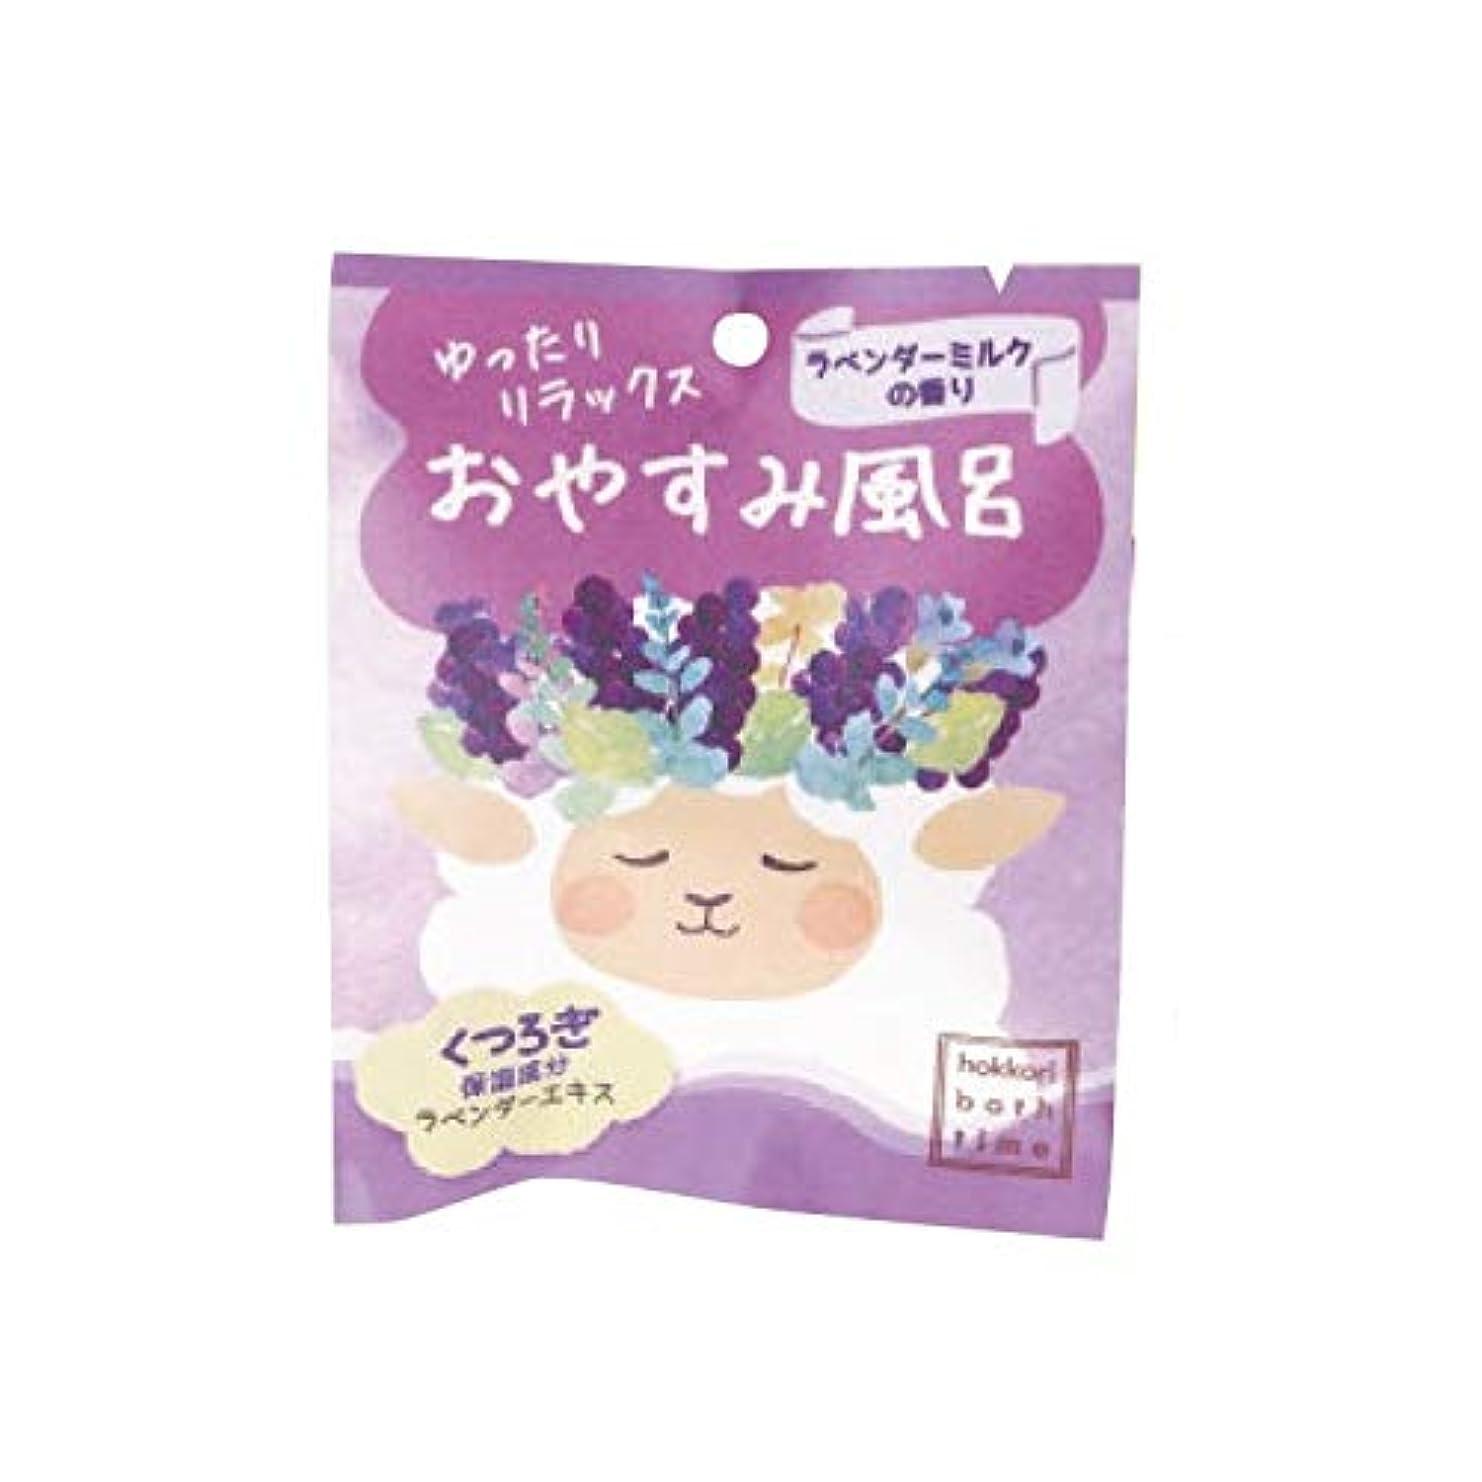 代表死の顎保育園ほっこりバスタイム おやすみ風呂 ラベンダーミルクの香り OB-HKR-1-3 ノルコーポレーション